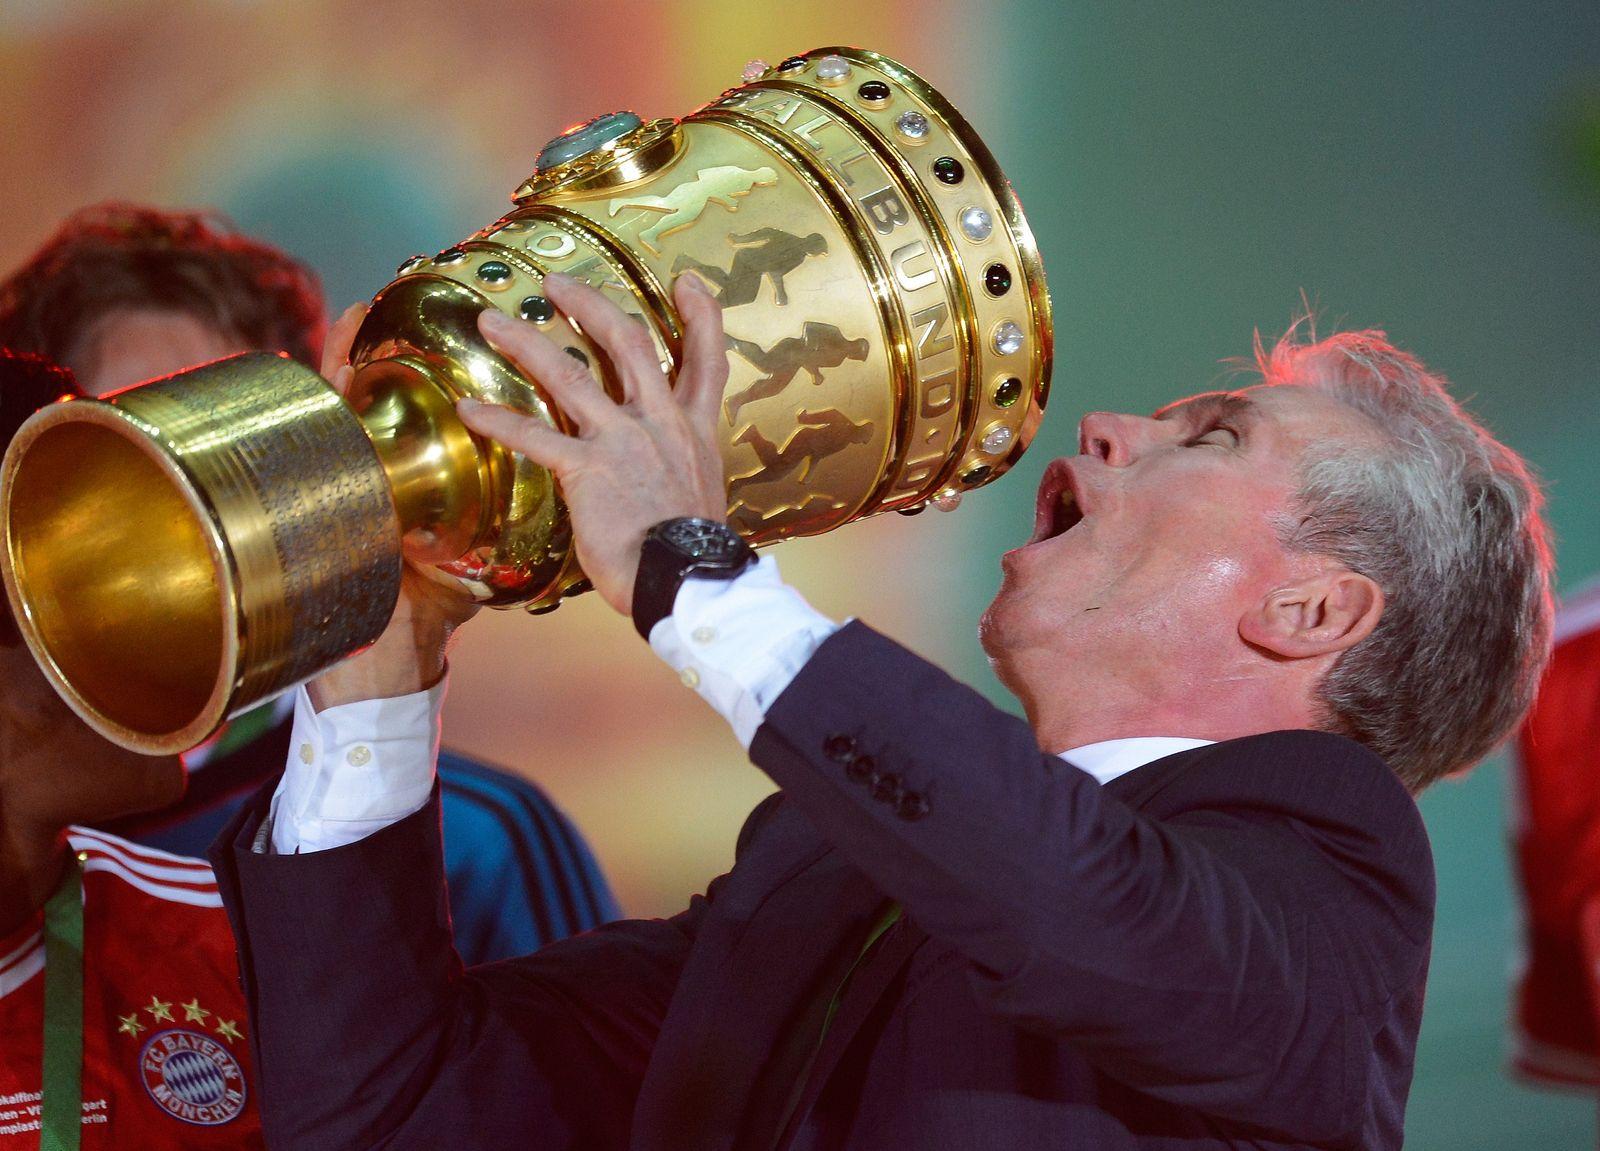 FBL-GER-CUP-DFB-BAYERN MUNICH-STUTTGART